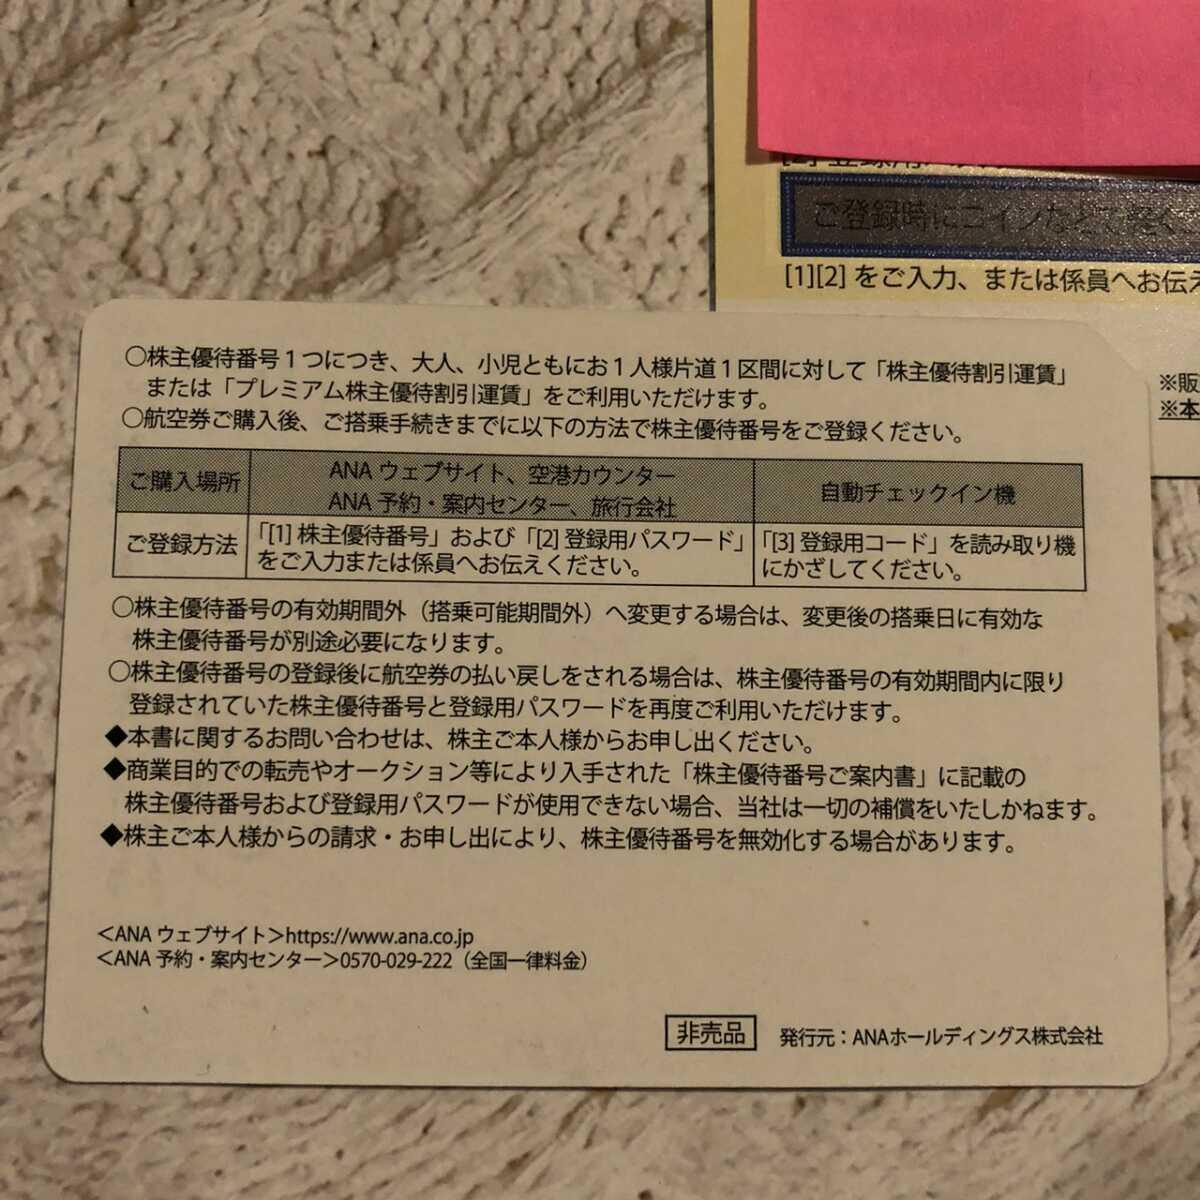 4枚 ANA 番号通知のみ 全日本空輸 株主優待券 5月期限 国内線航空券50%割引 割引券 全日空 NH 黄色 2名様 往復_画像2